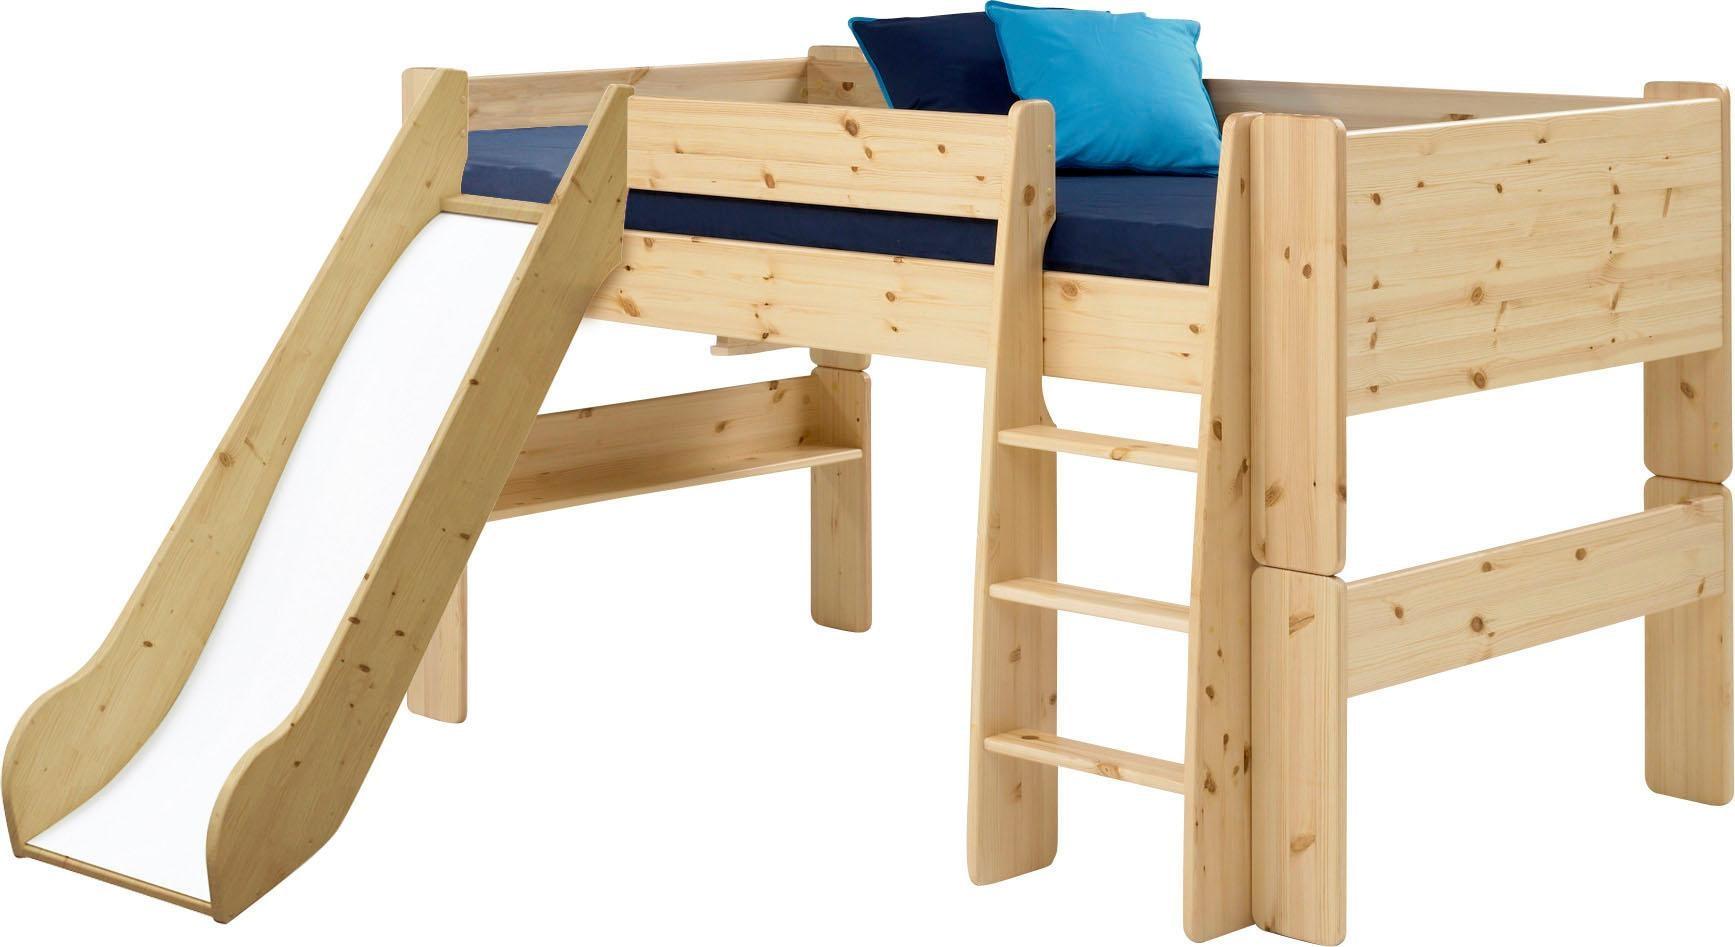 Home affaire Spielbett FOR KIDS mit Leiter und Rutsche in verschiedenen Farben